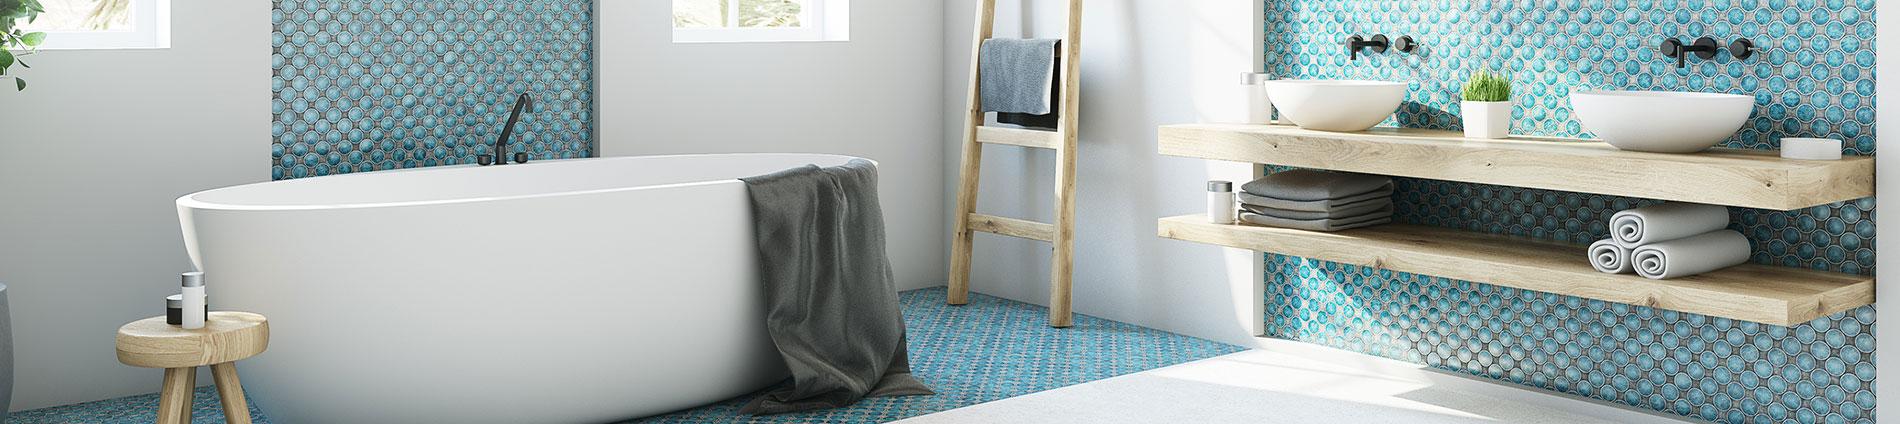 Fournitures mobilier salle de bain Haute Garonne